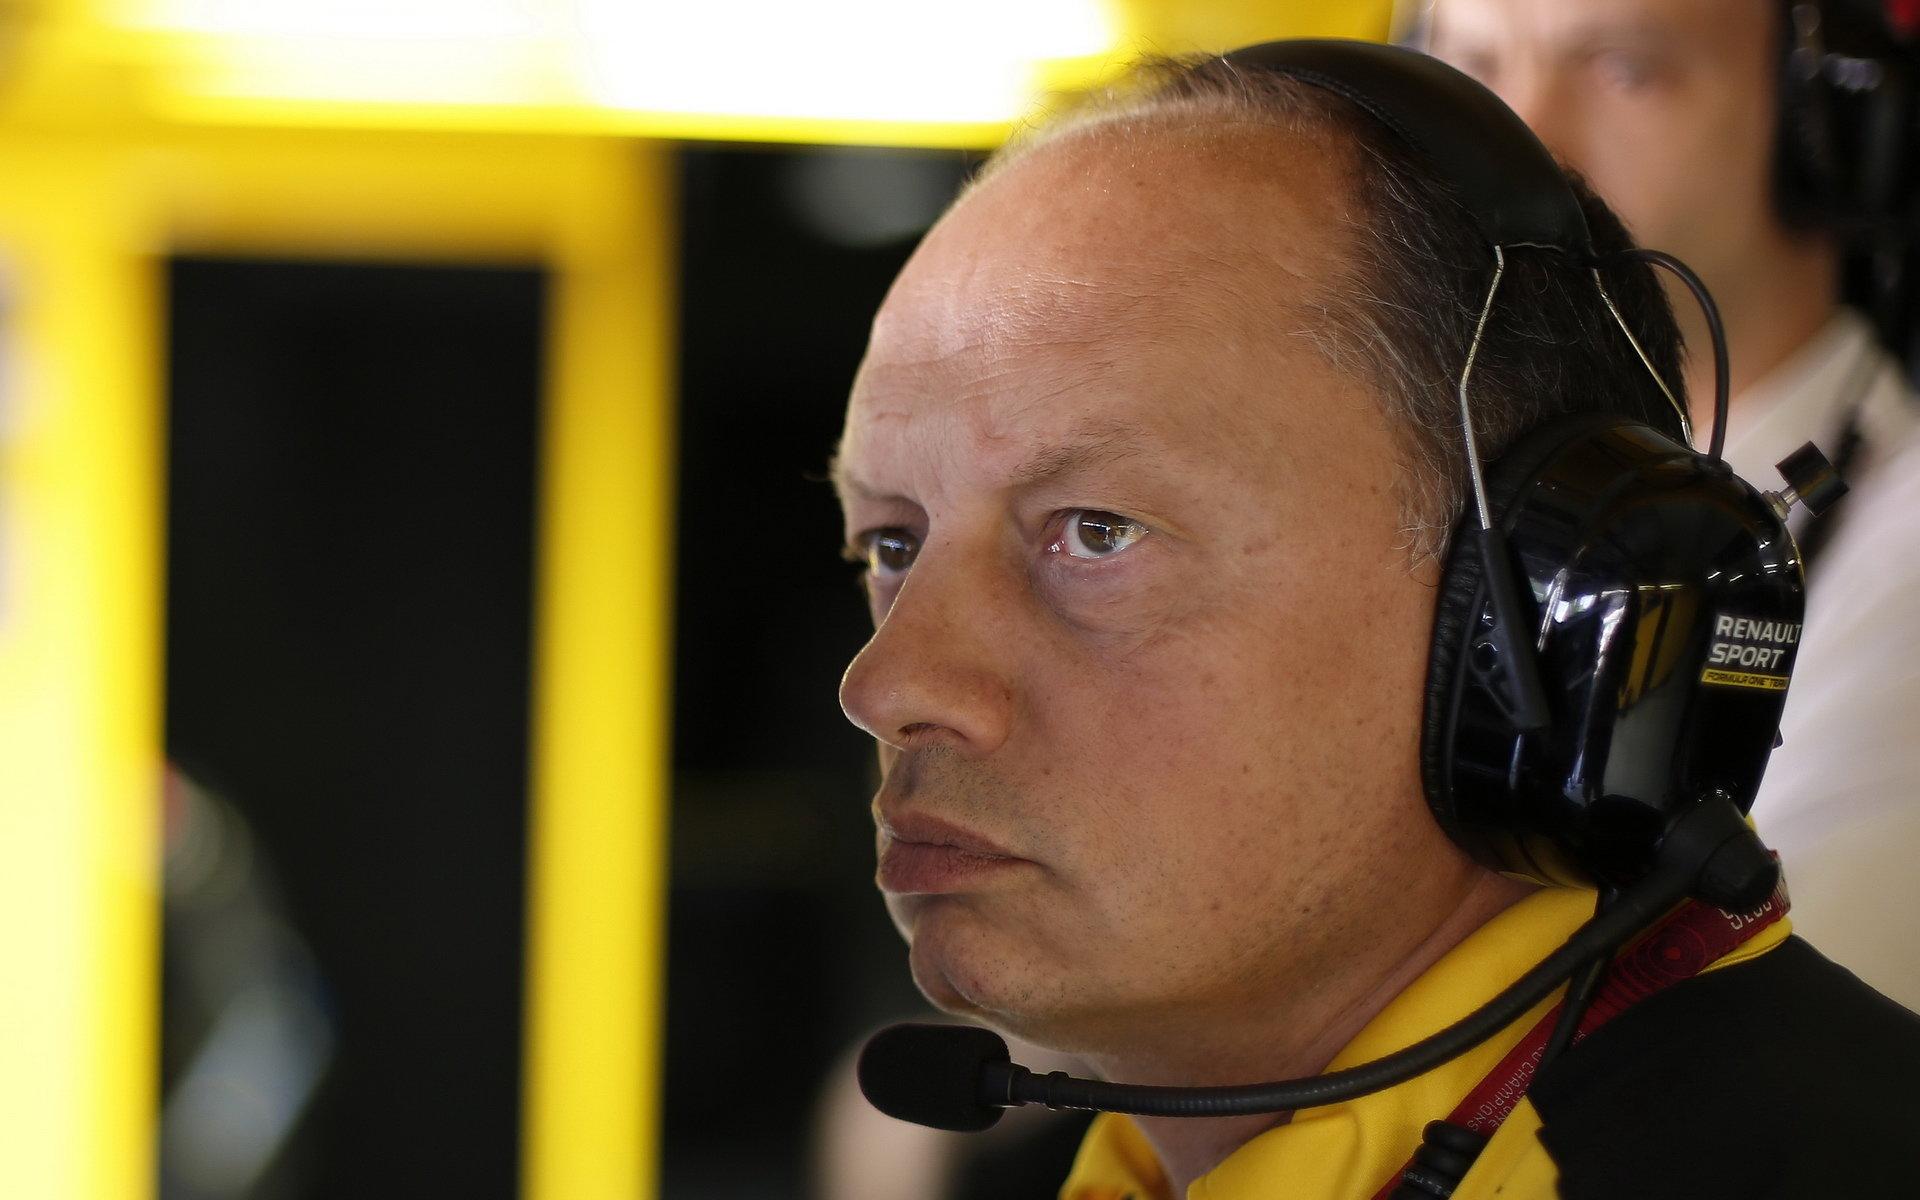 Rozhovor se šéfem Renaultu: Kdo bude závodit po boku Hülkenberga? - anotační obrázek